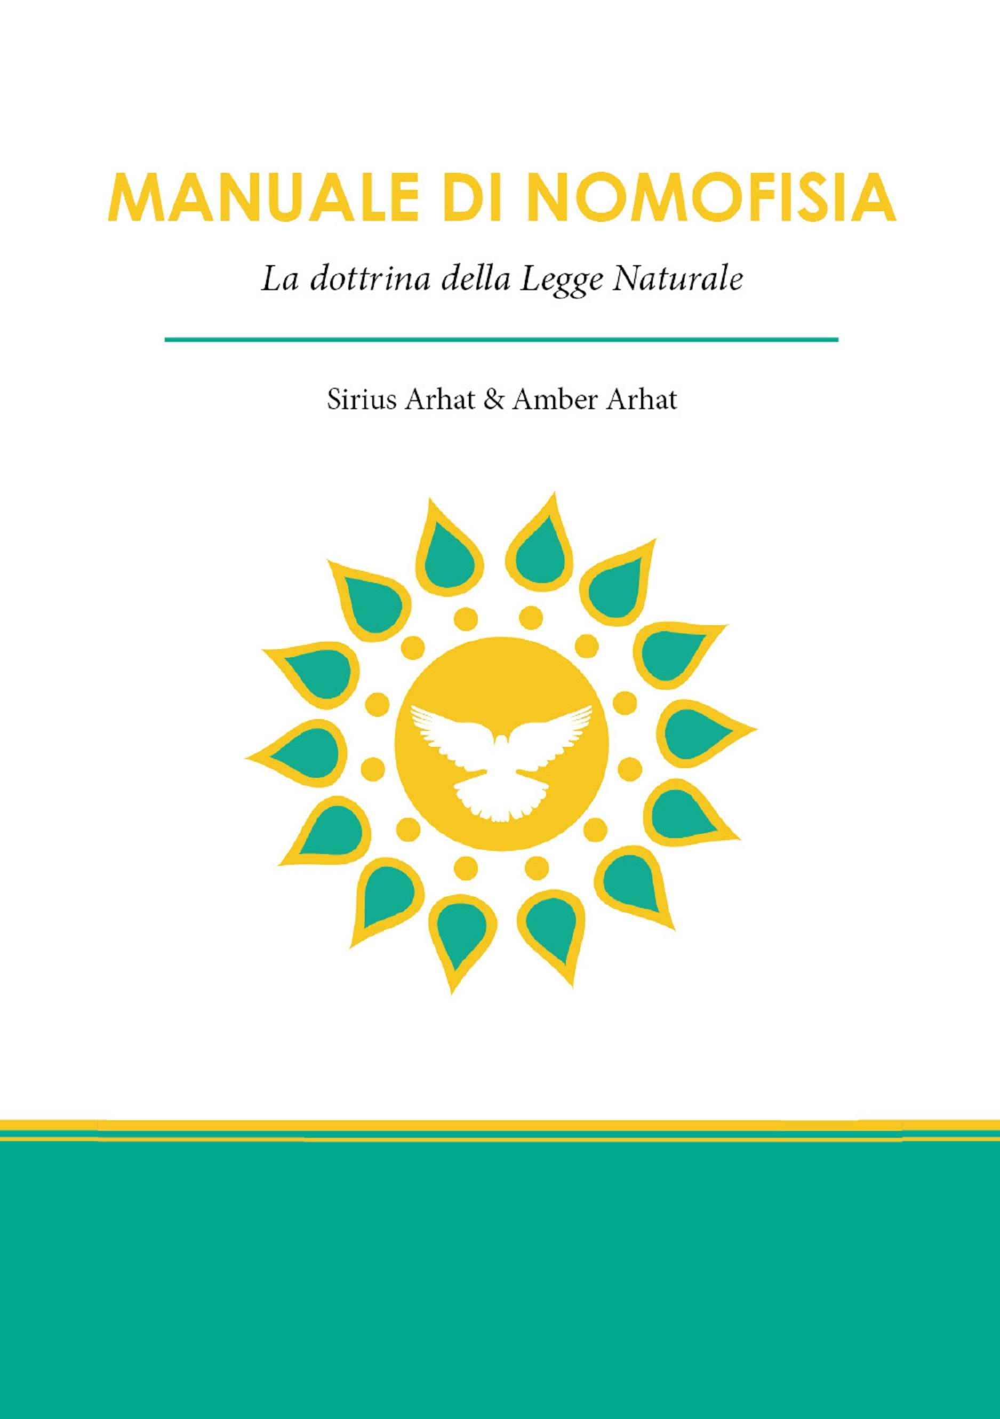 Manuale di Nomofisia. La dottrina della Legge Naturale